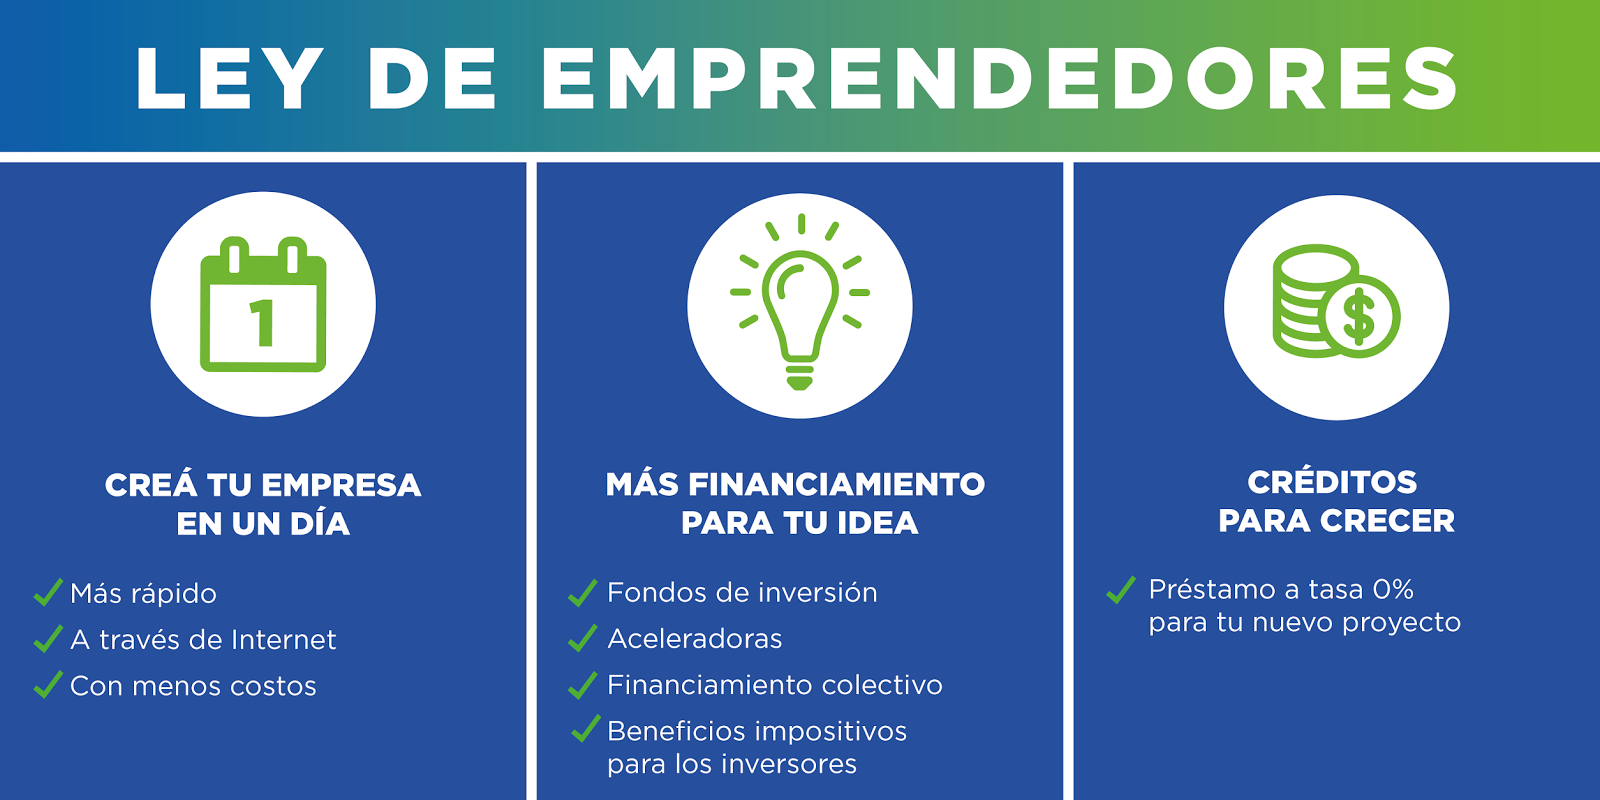 Ley de emprendedores creaci n de empresas en un d a y m s for Ley del offside